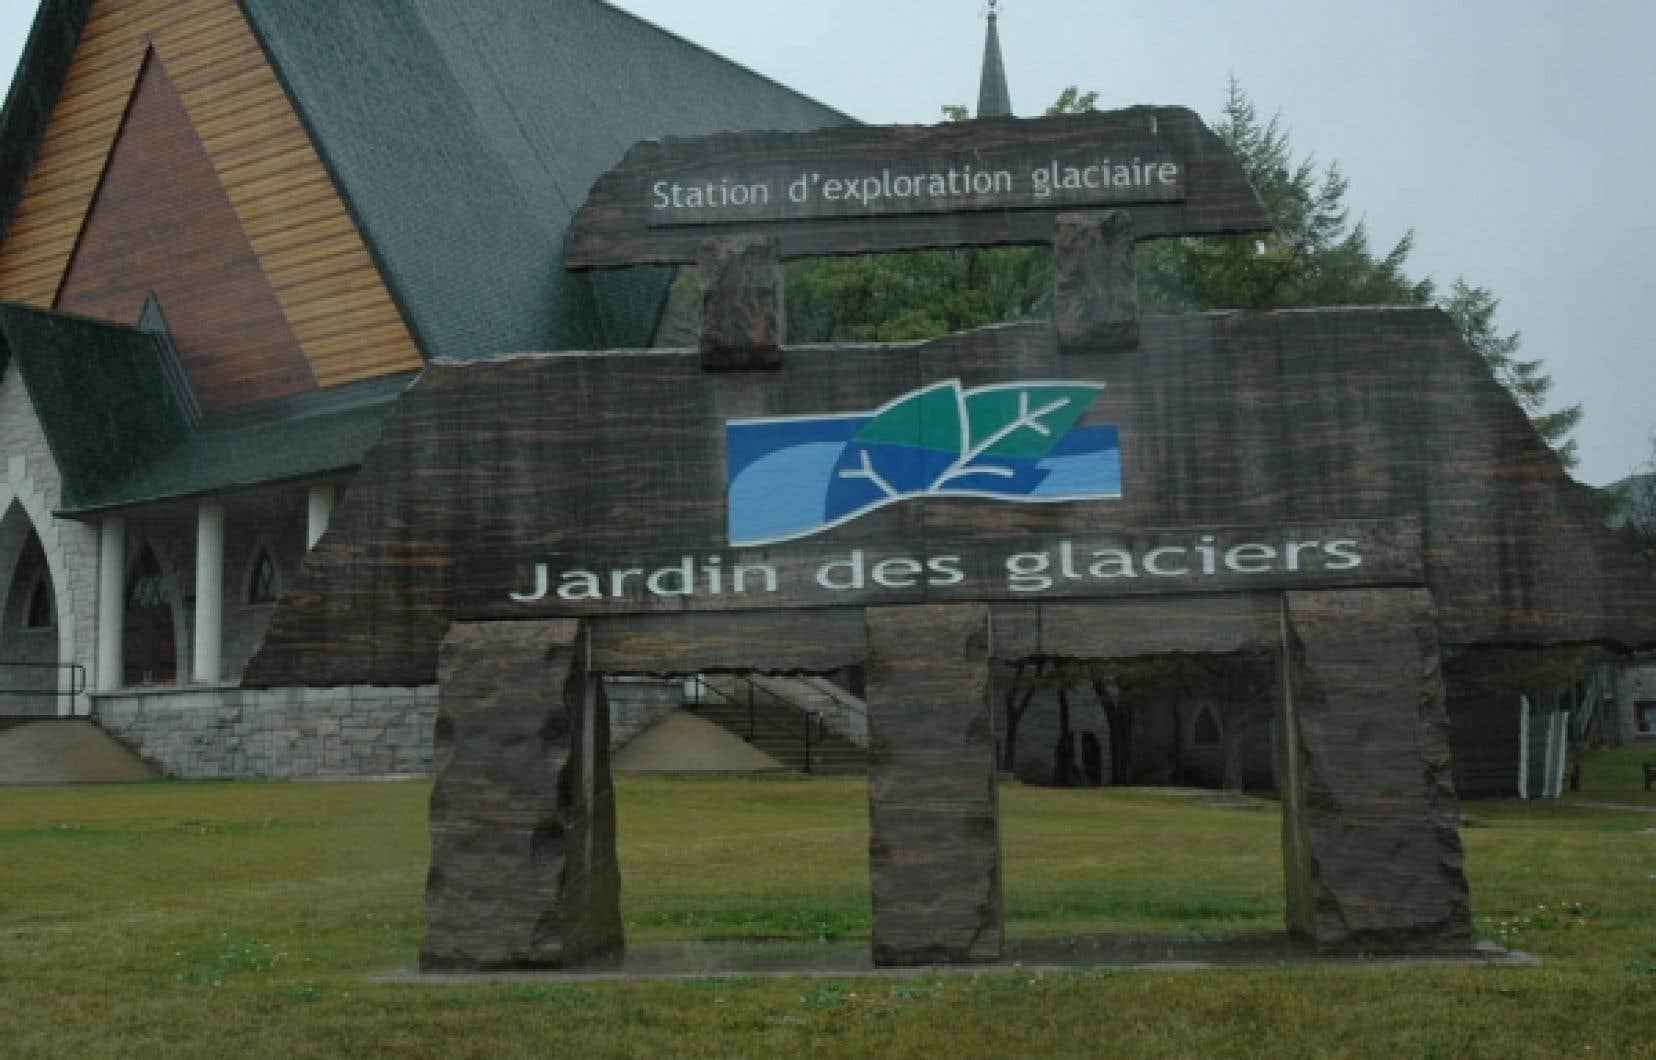 Le Jardin des glaciers a r&eacute;colt&eacute; huit reconnaissances r&eacute;gionales, trois qu&eacute;b&eacute;coises ainsi qu&rsquo;un prix canadien en 2010. <br />